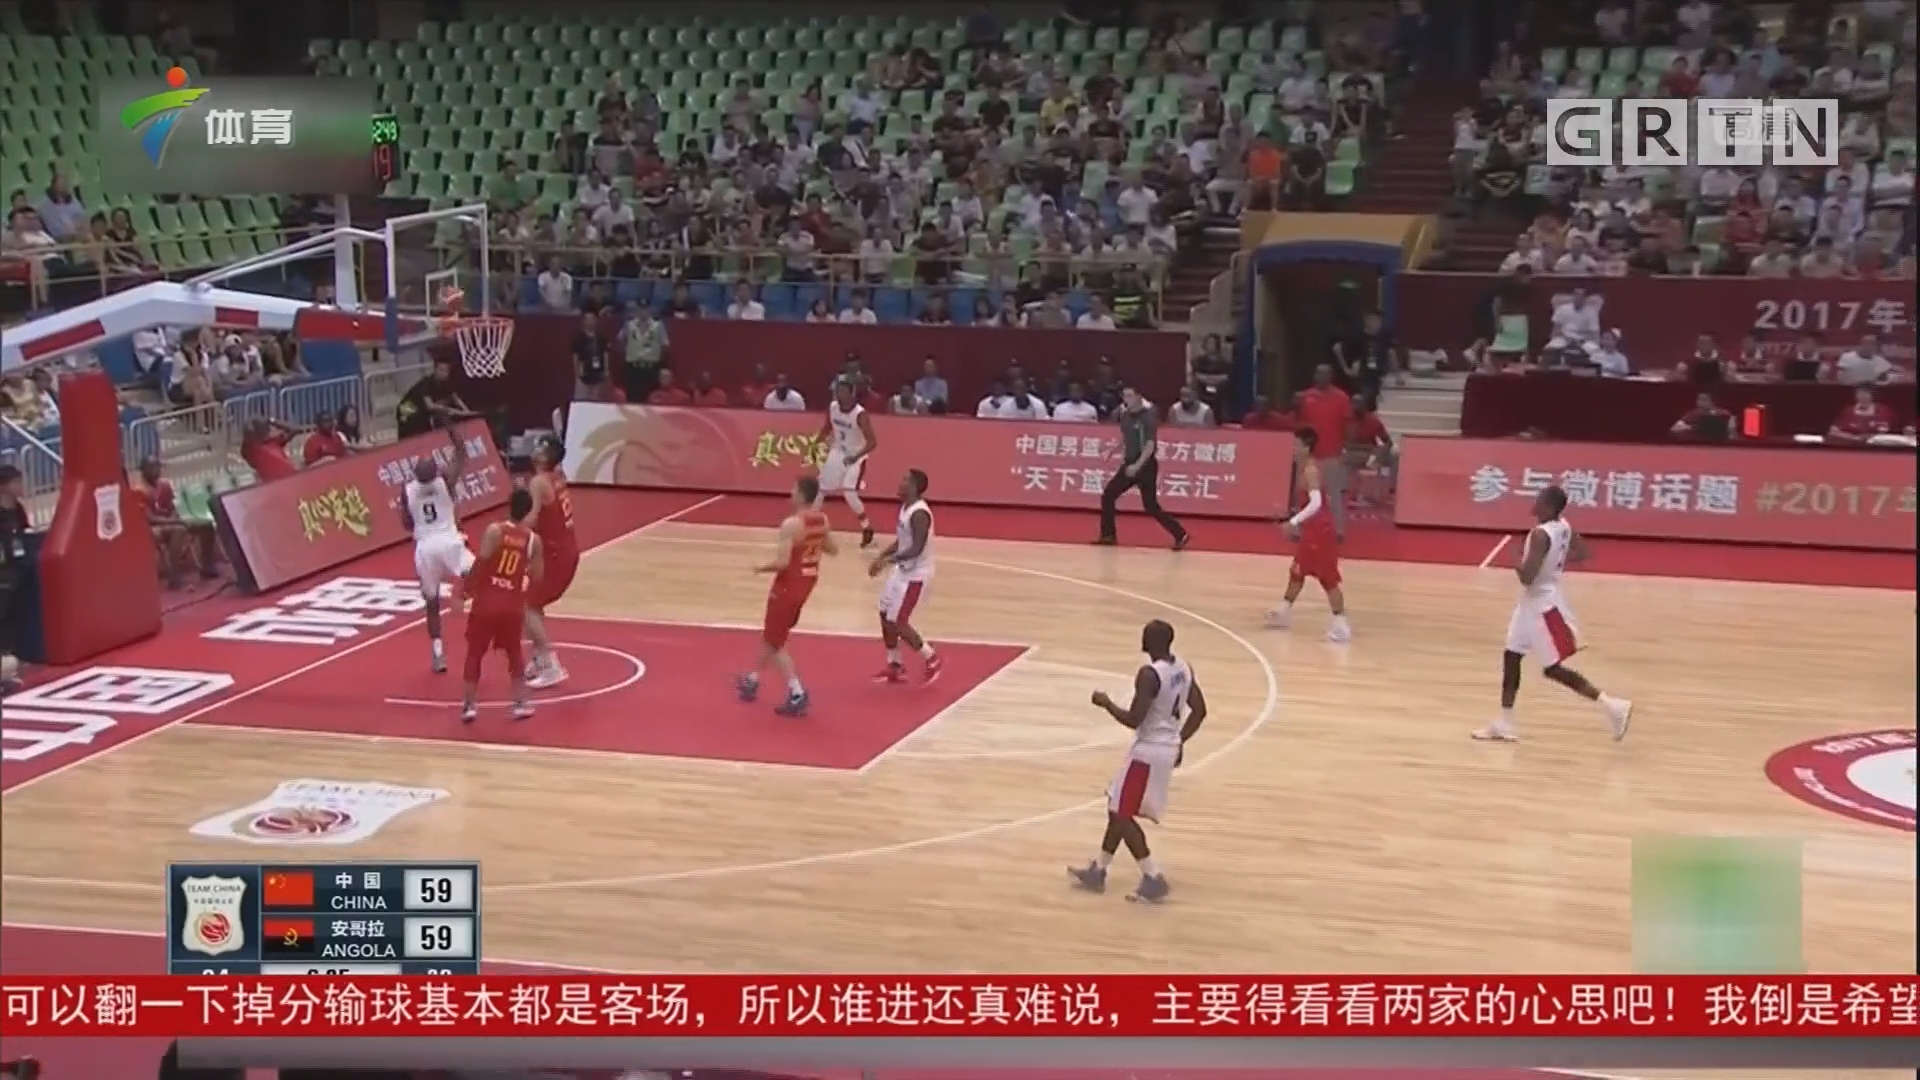 不敌安哥拉 中国男篮红队首战告负